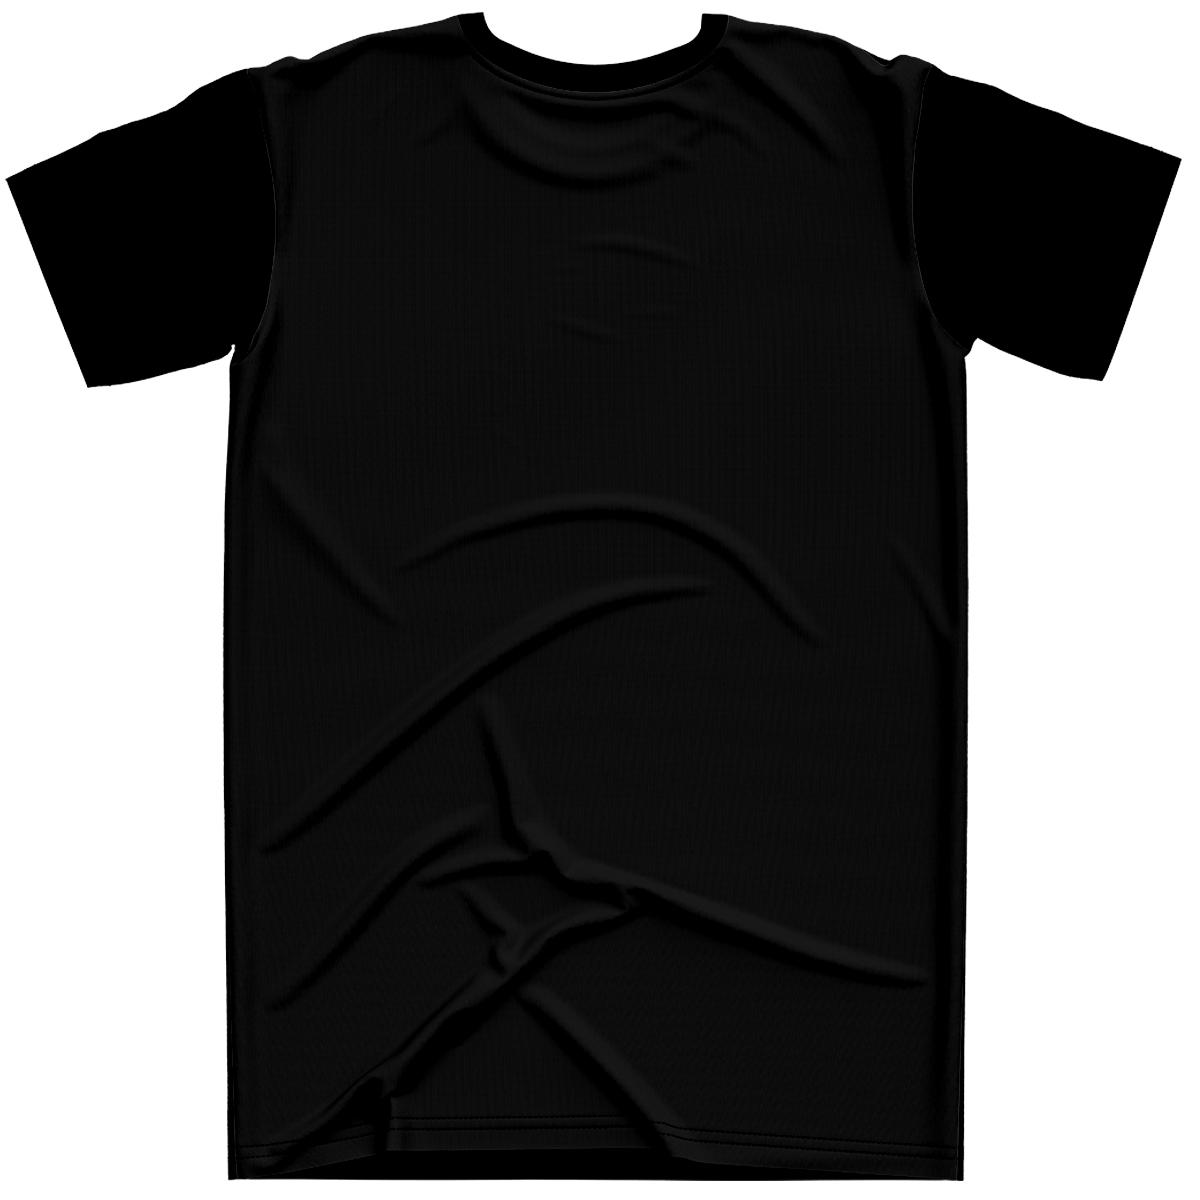 Stompy Camiseta Estampada Mike Tyson